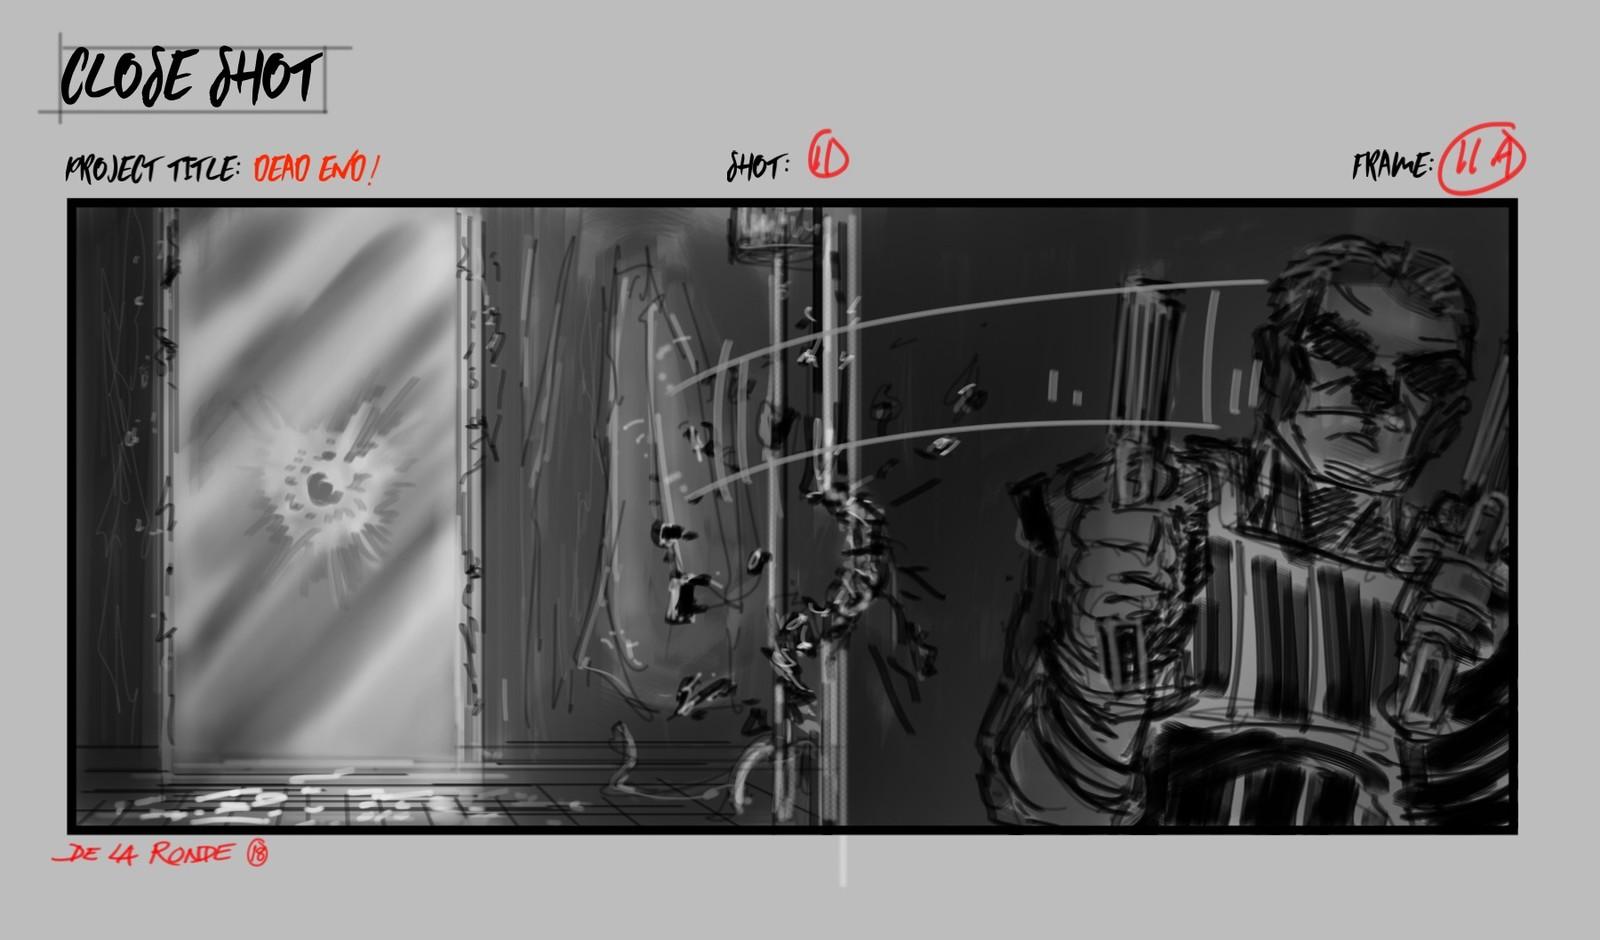 Board Sample Shot Type: Close Shot